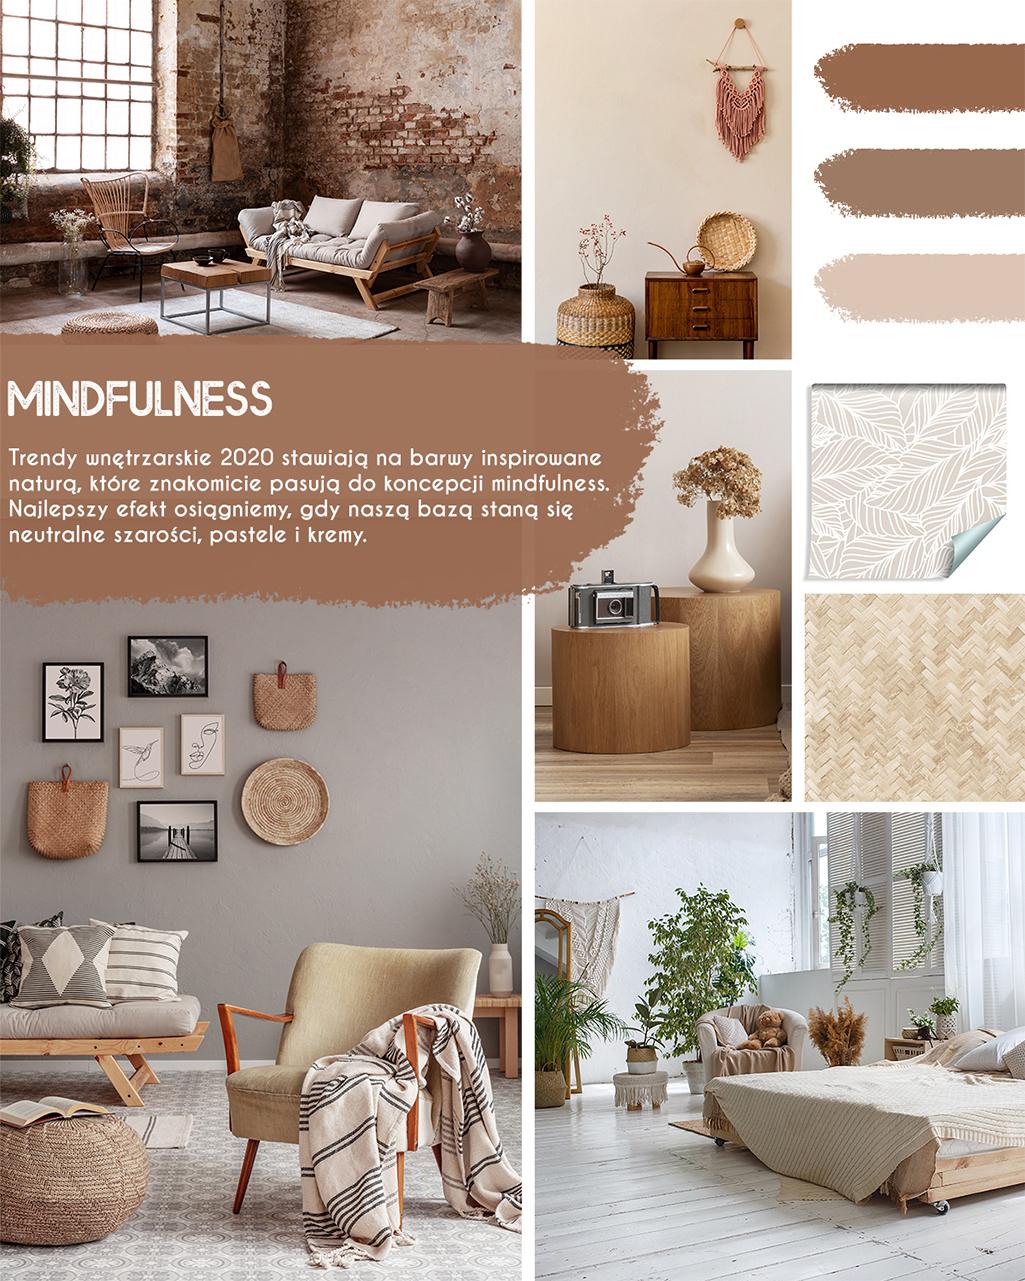 Trend mindulness to głównie kolory ziemi i uporządkowana przestrzeń